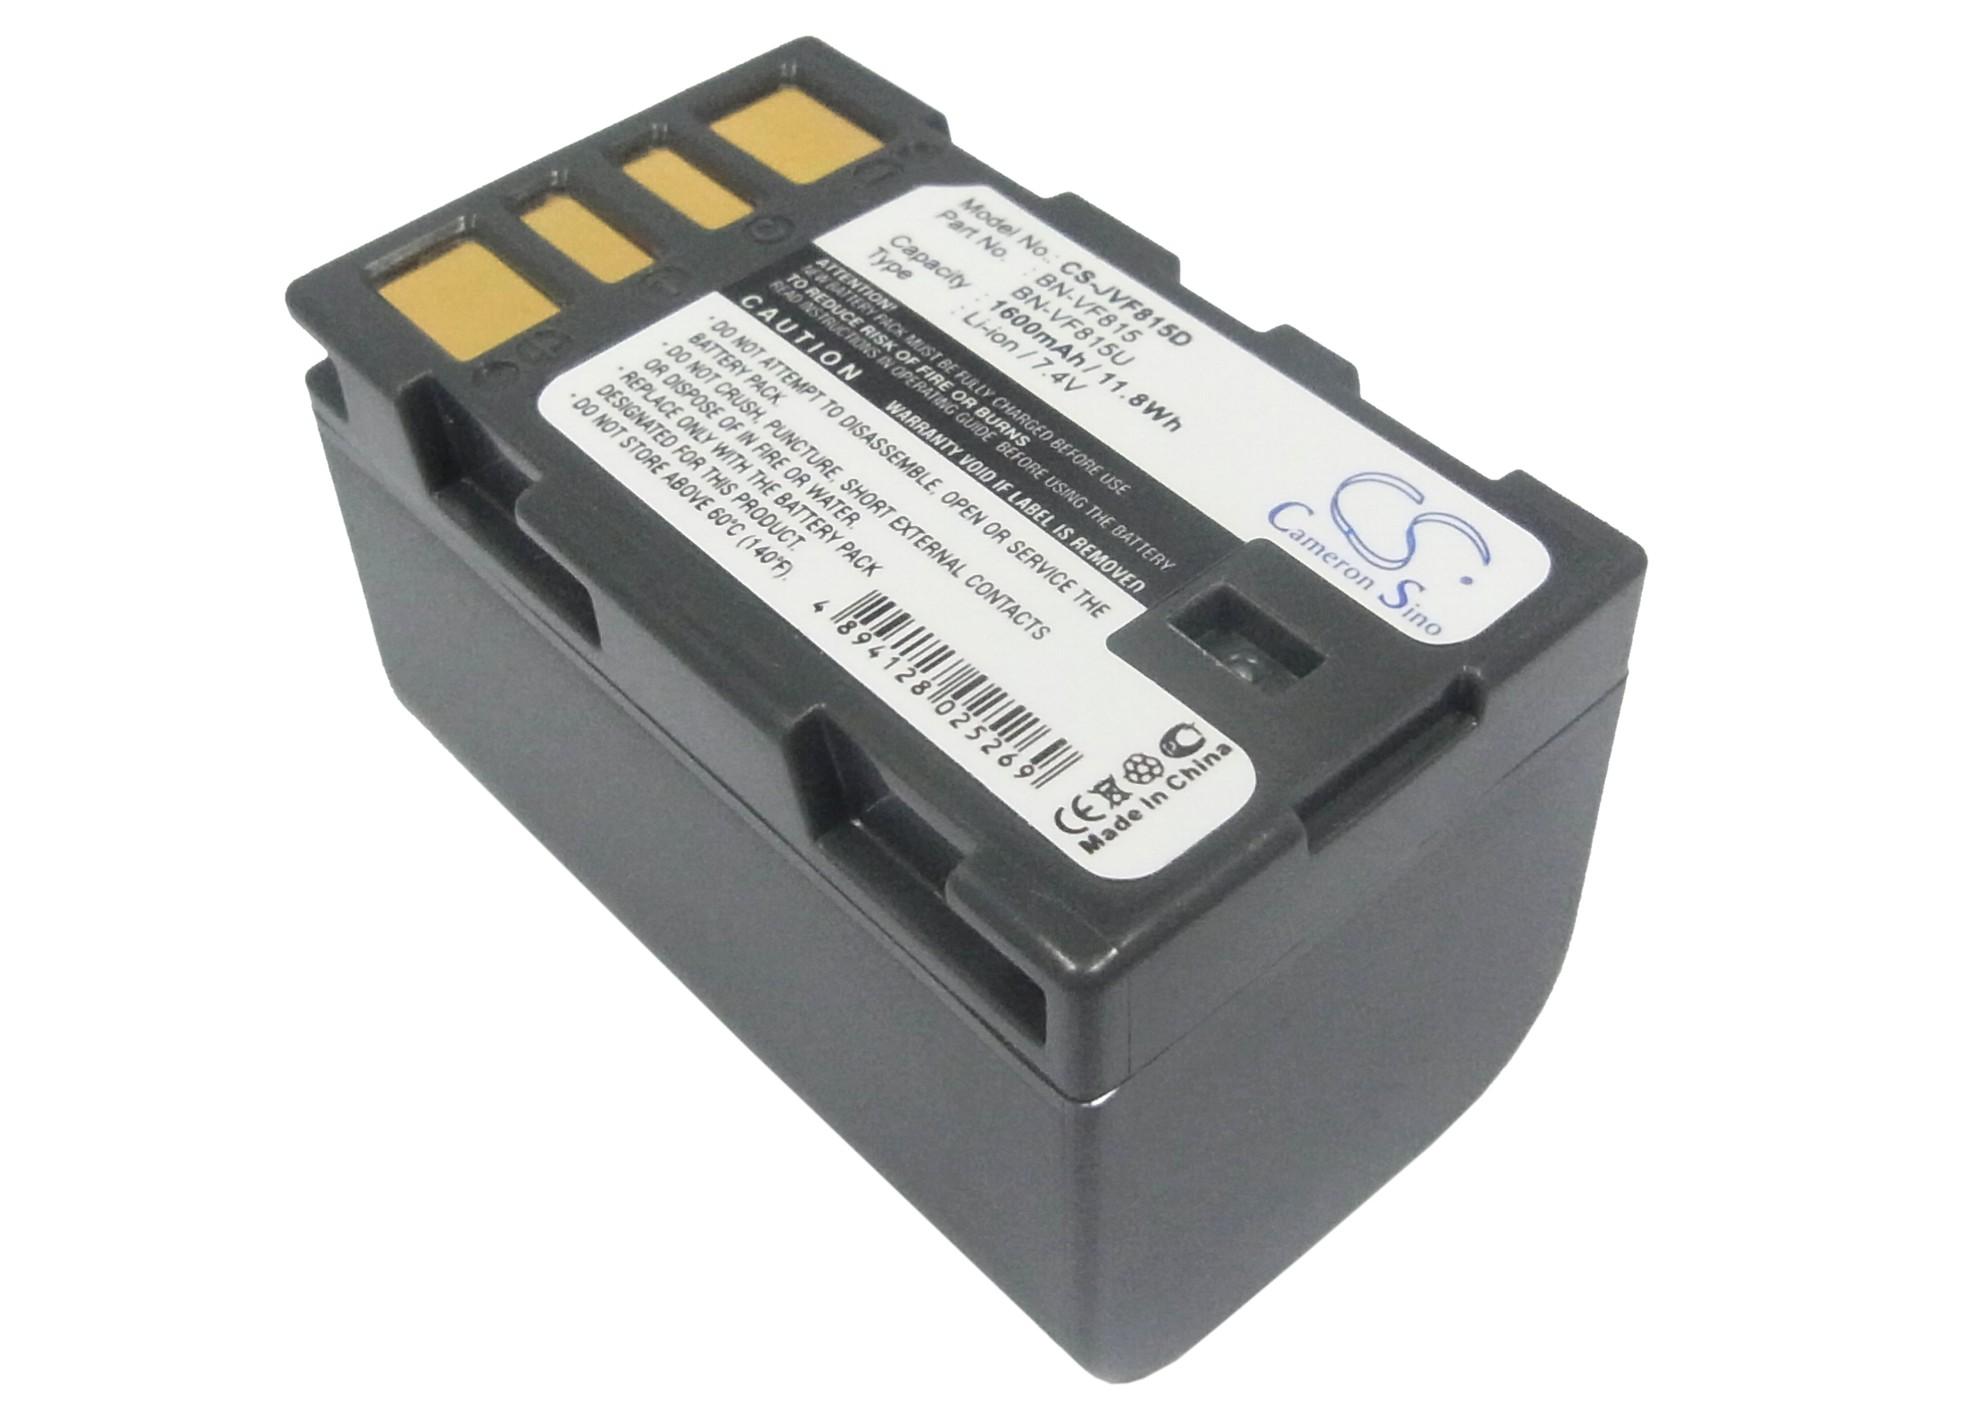 Cameron Sino baterie do kamer a fotoaparátů pro JVC GZ-HD40 7.4V Li-ion 1600mAh černá - neoriginální